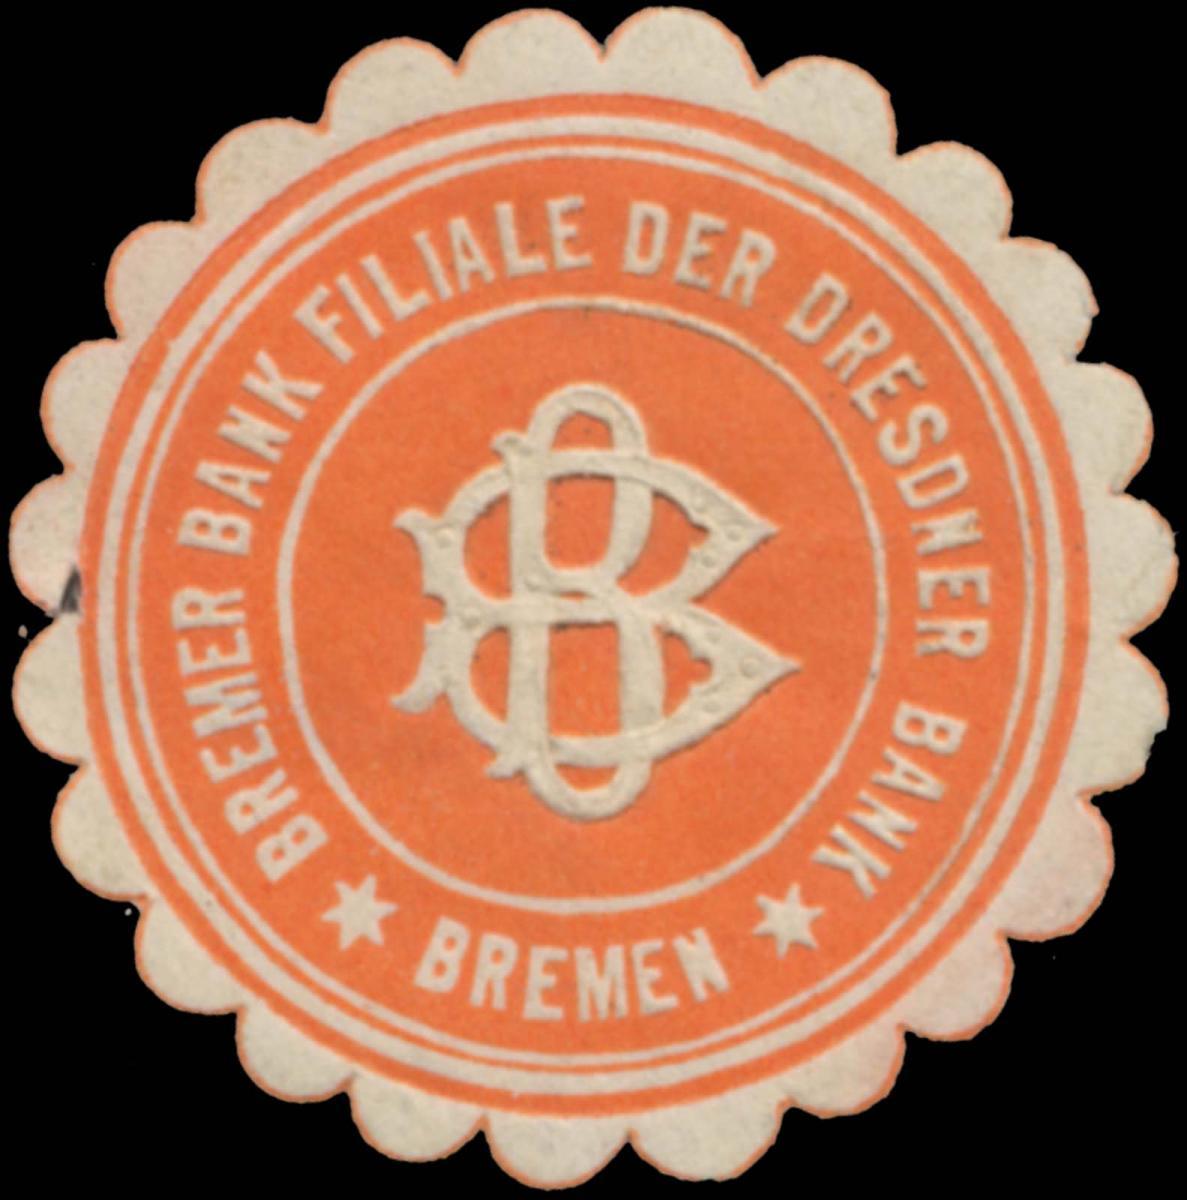 Bremer Bank Filiale der Dresdner Bank